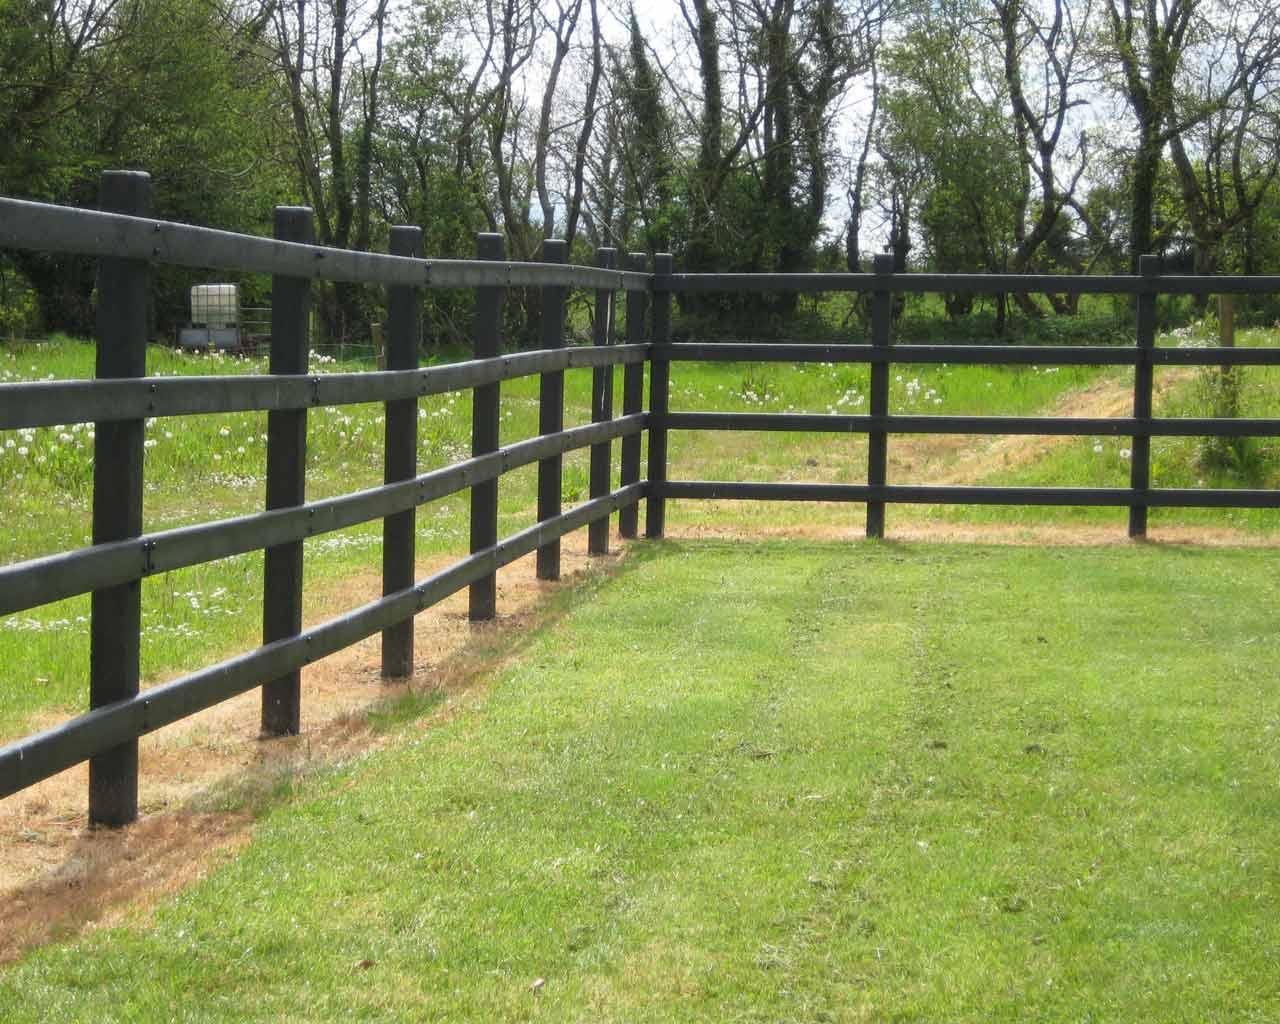 4 Rail Fencing